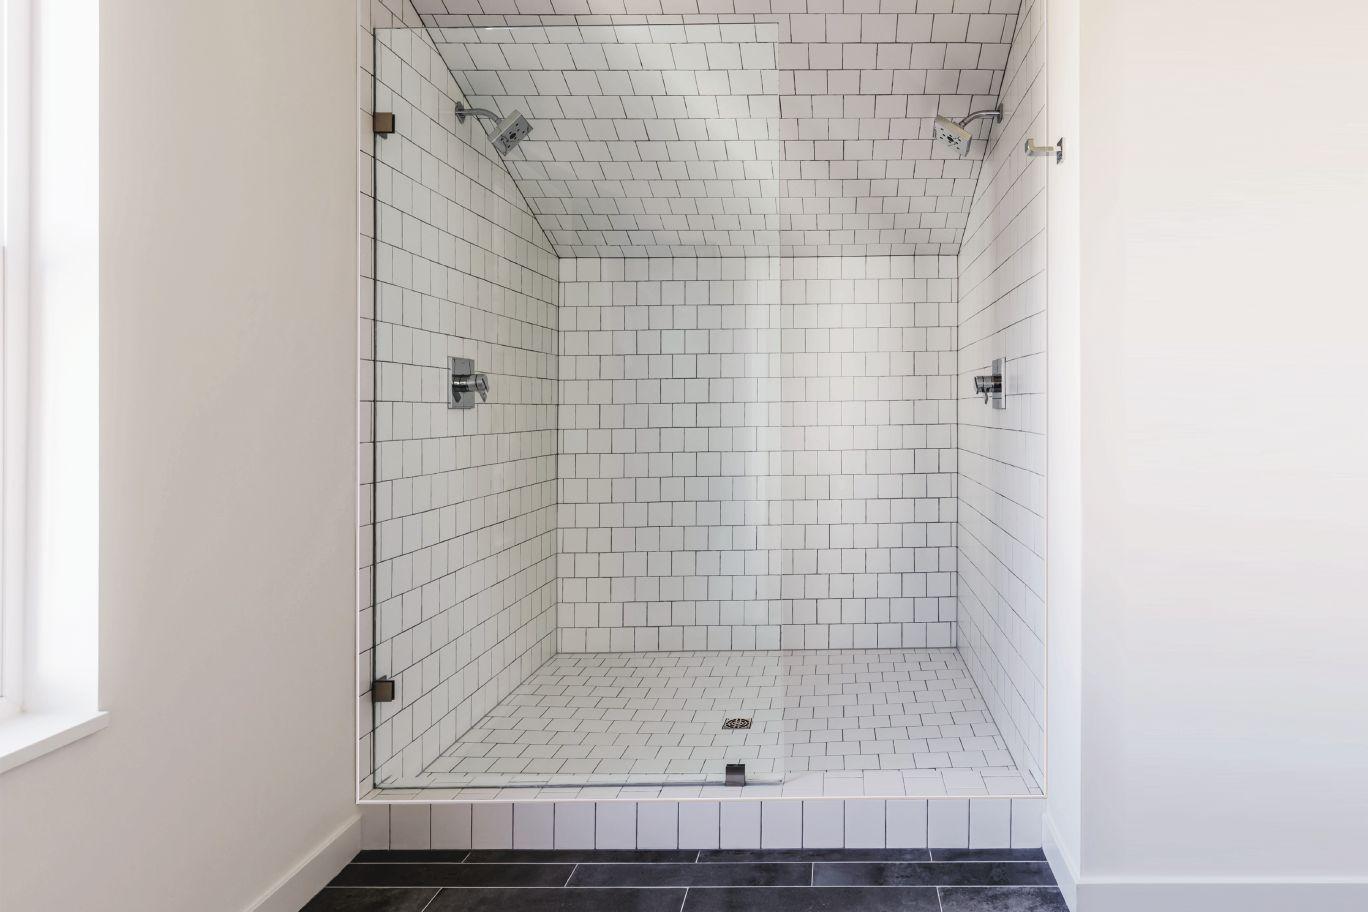 Schluter Kerdi Shower Kit Shower Tub Kits Shower